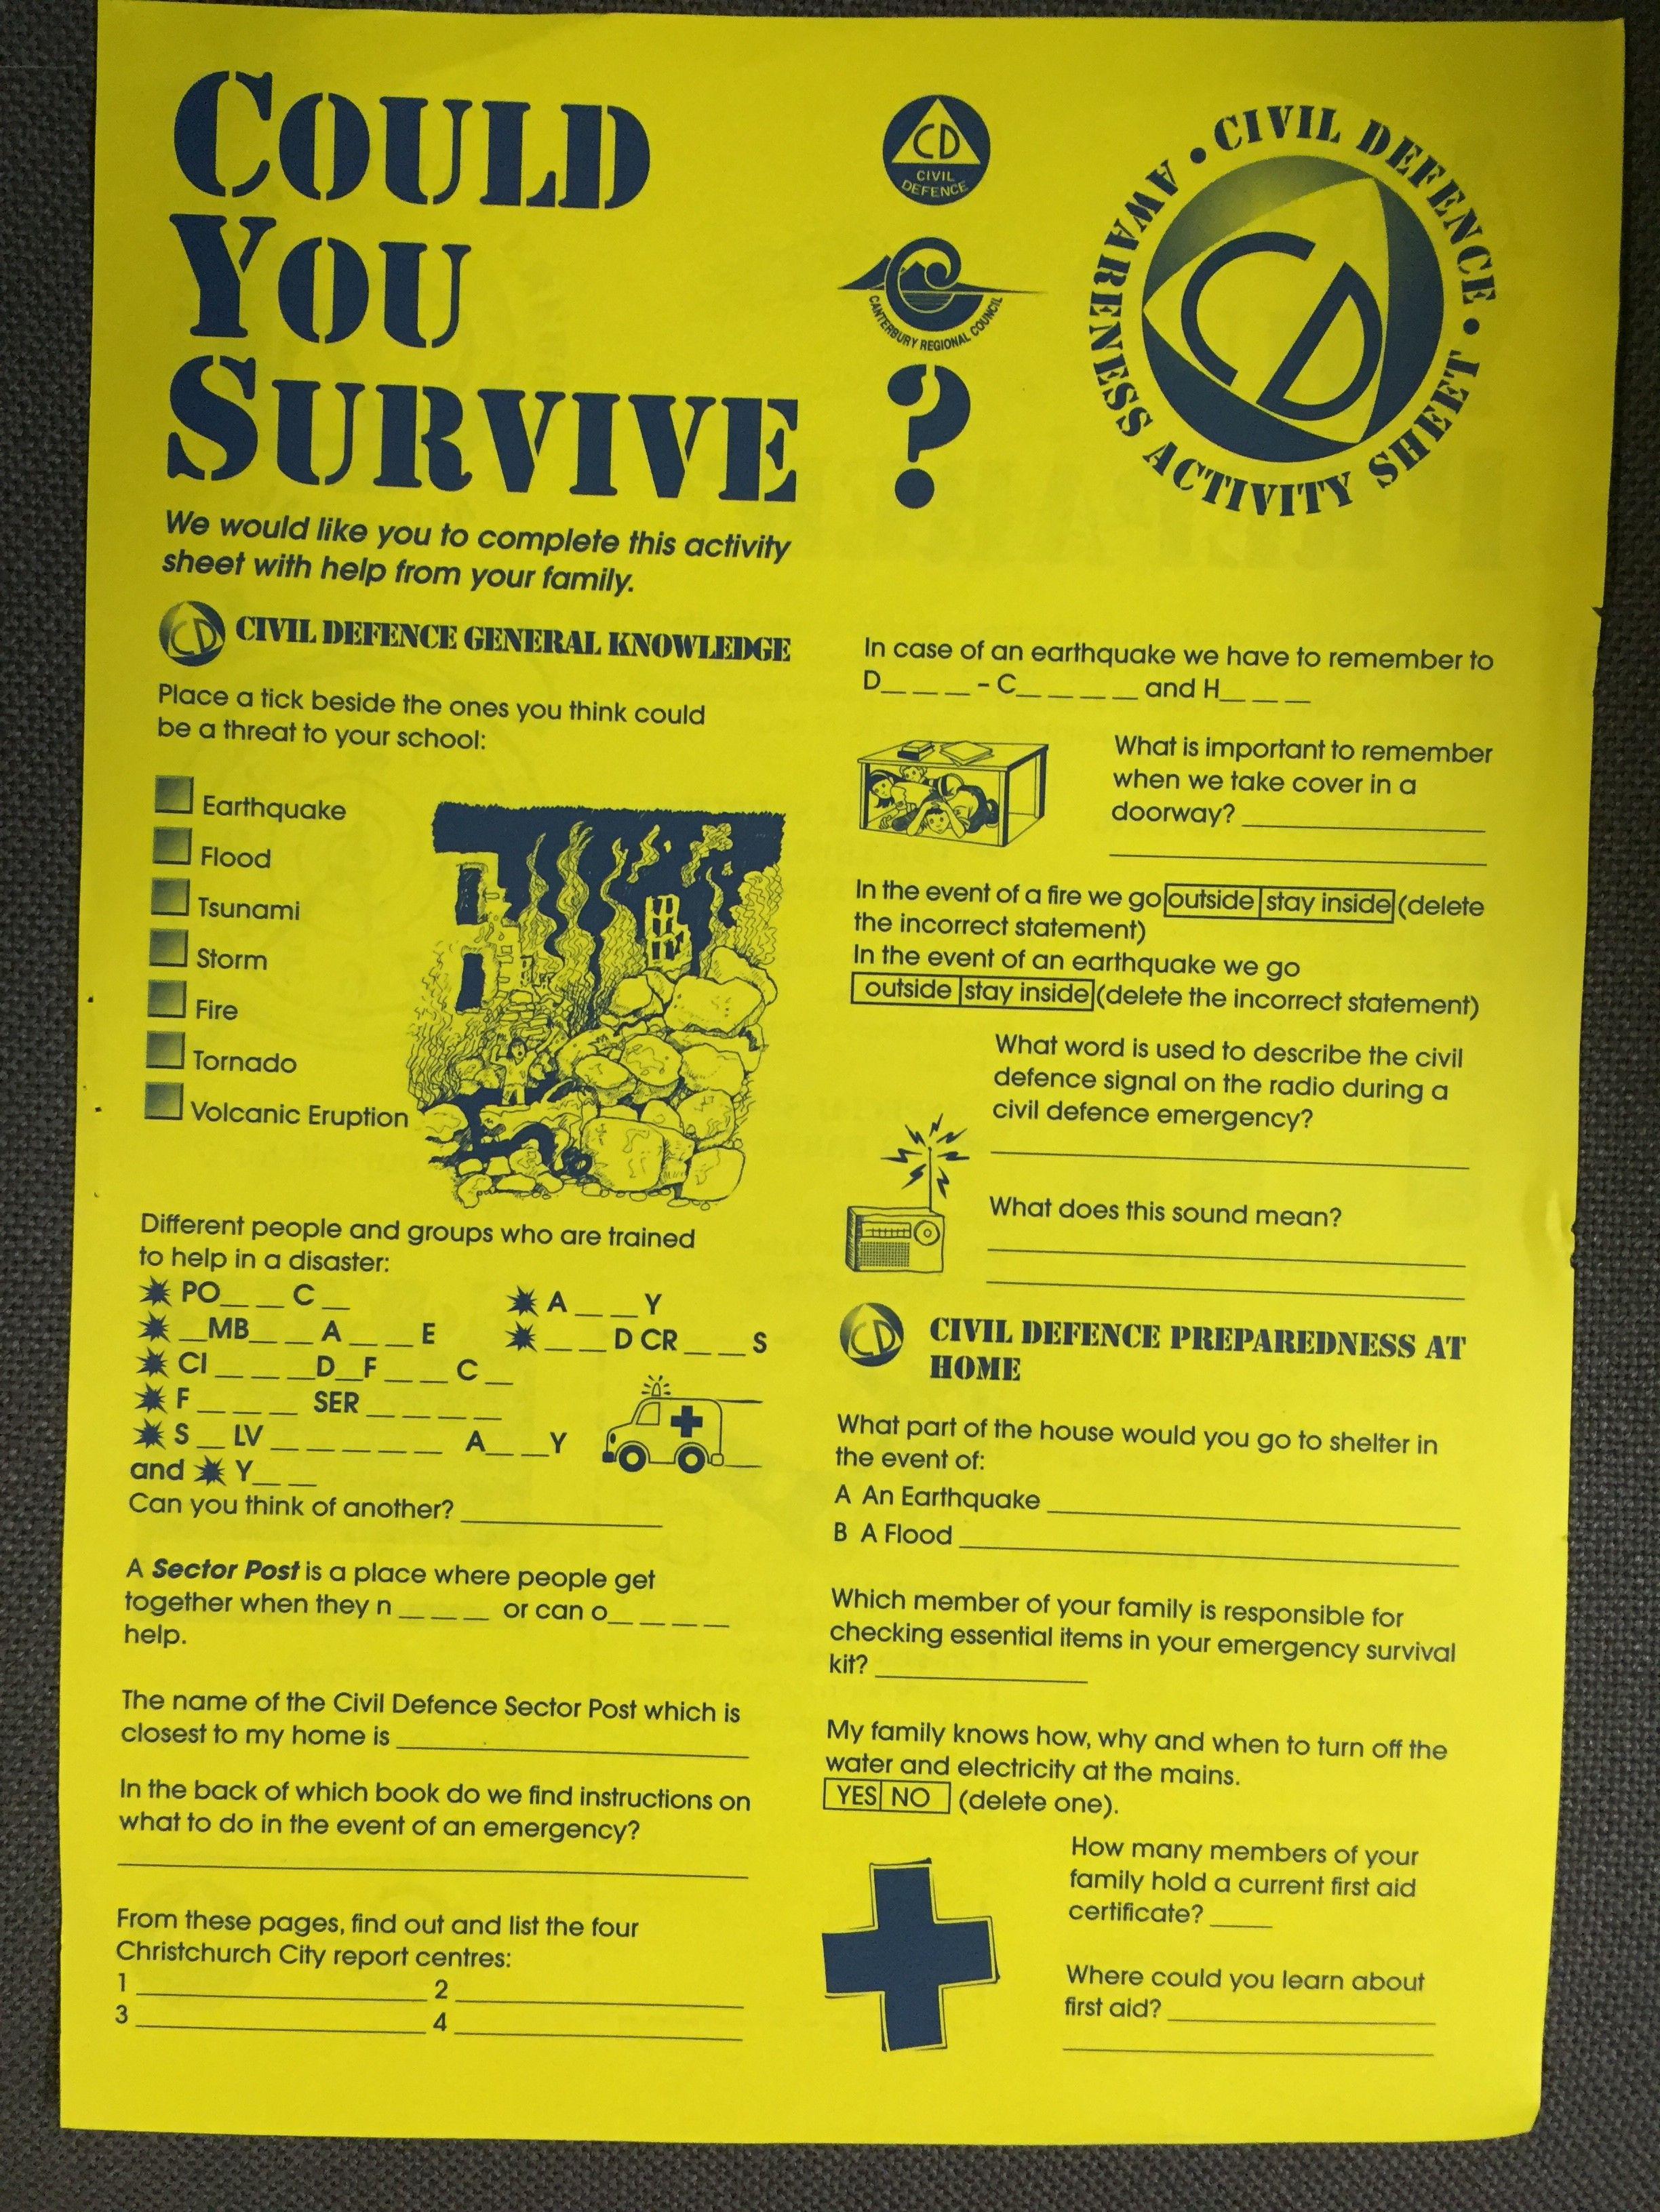 Could You Survive? worksheet | Old School Civil Defence ...